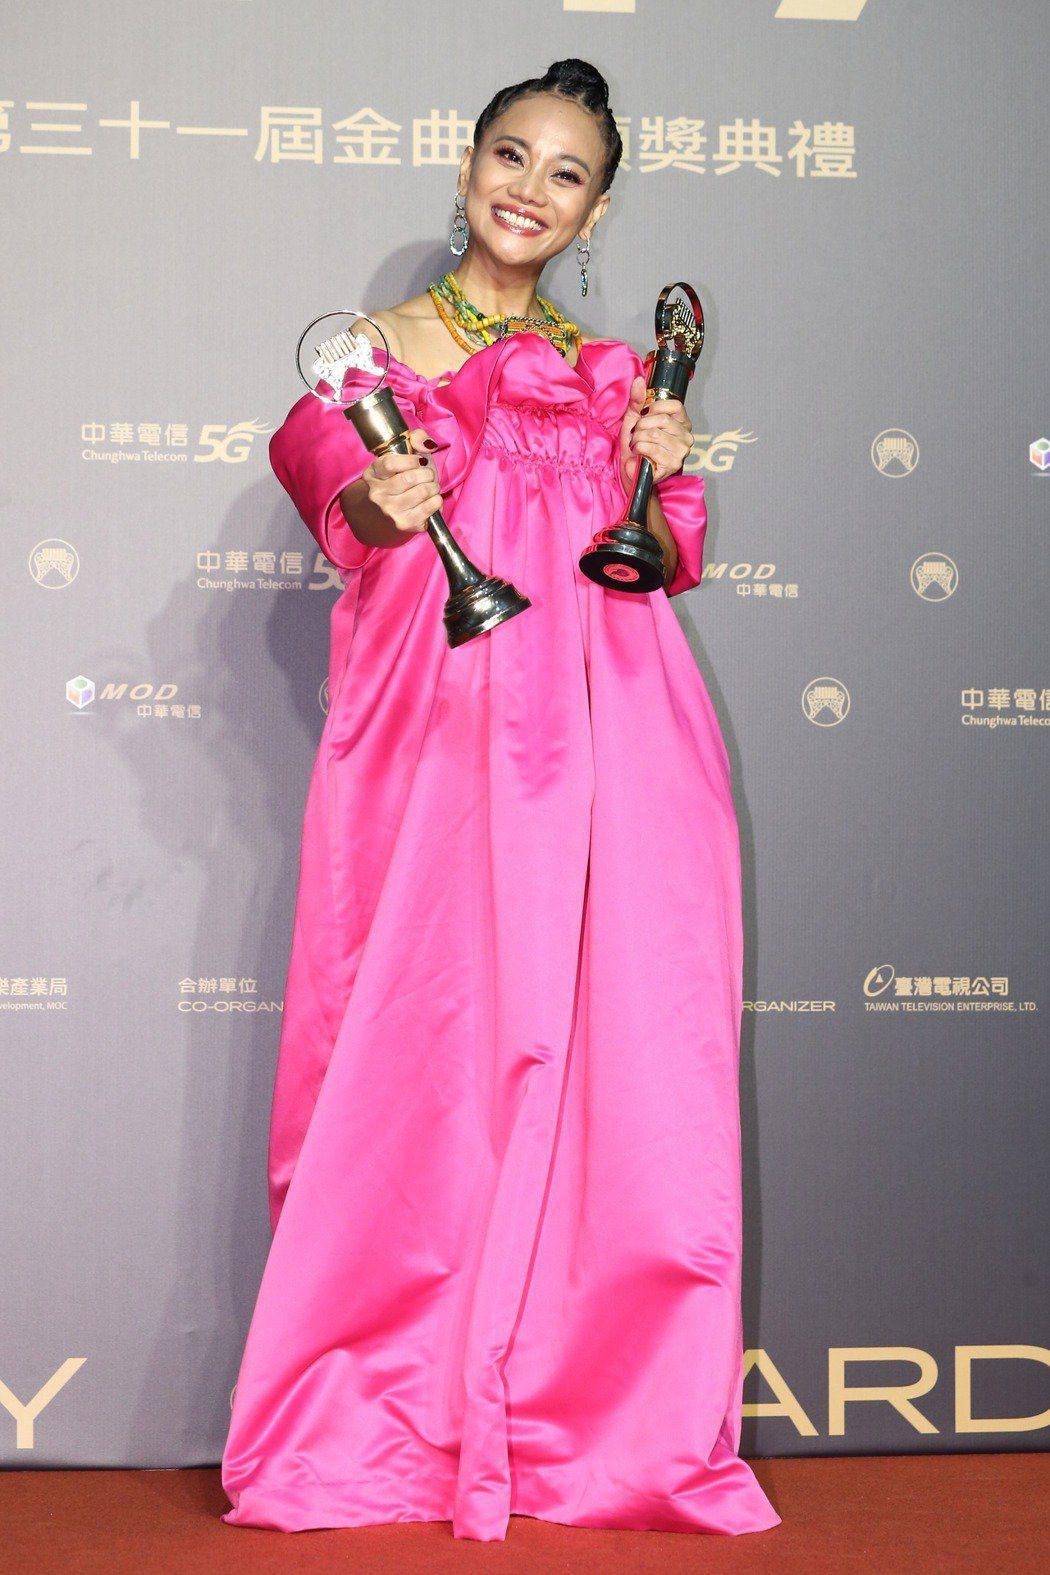 阿爆在第31屆金曲獎拿下3項大獎。記者曾原信/攝影